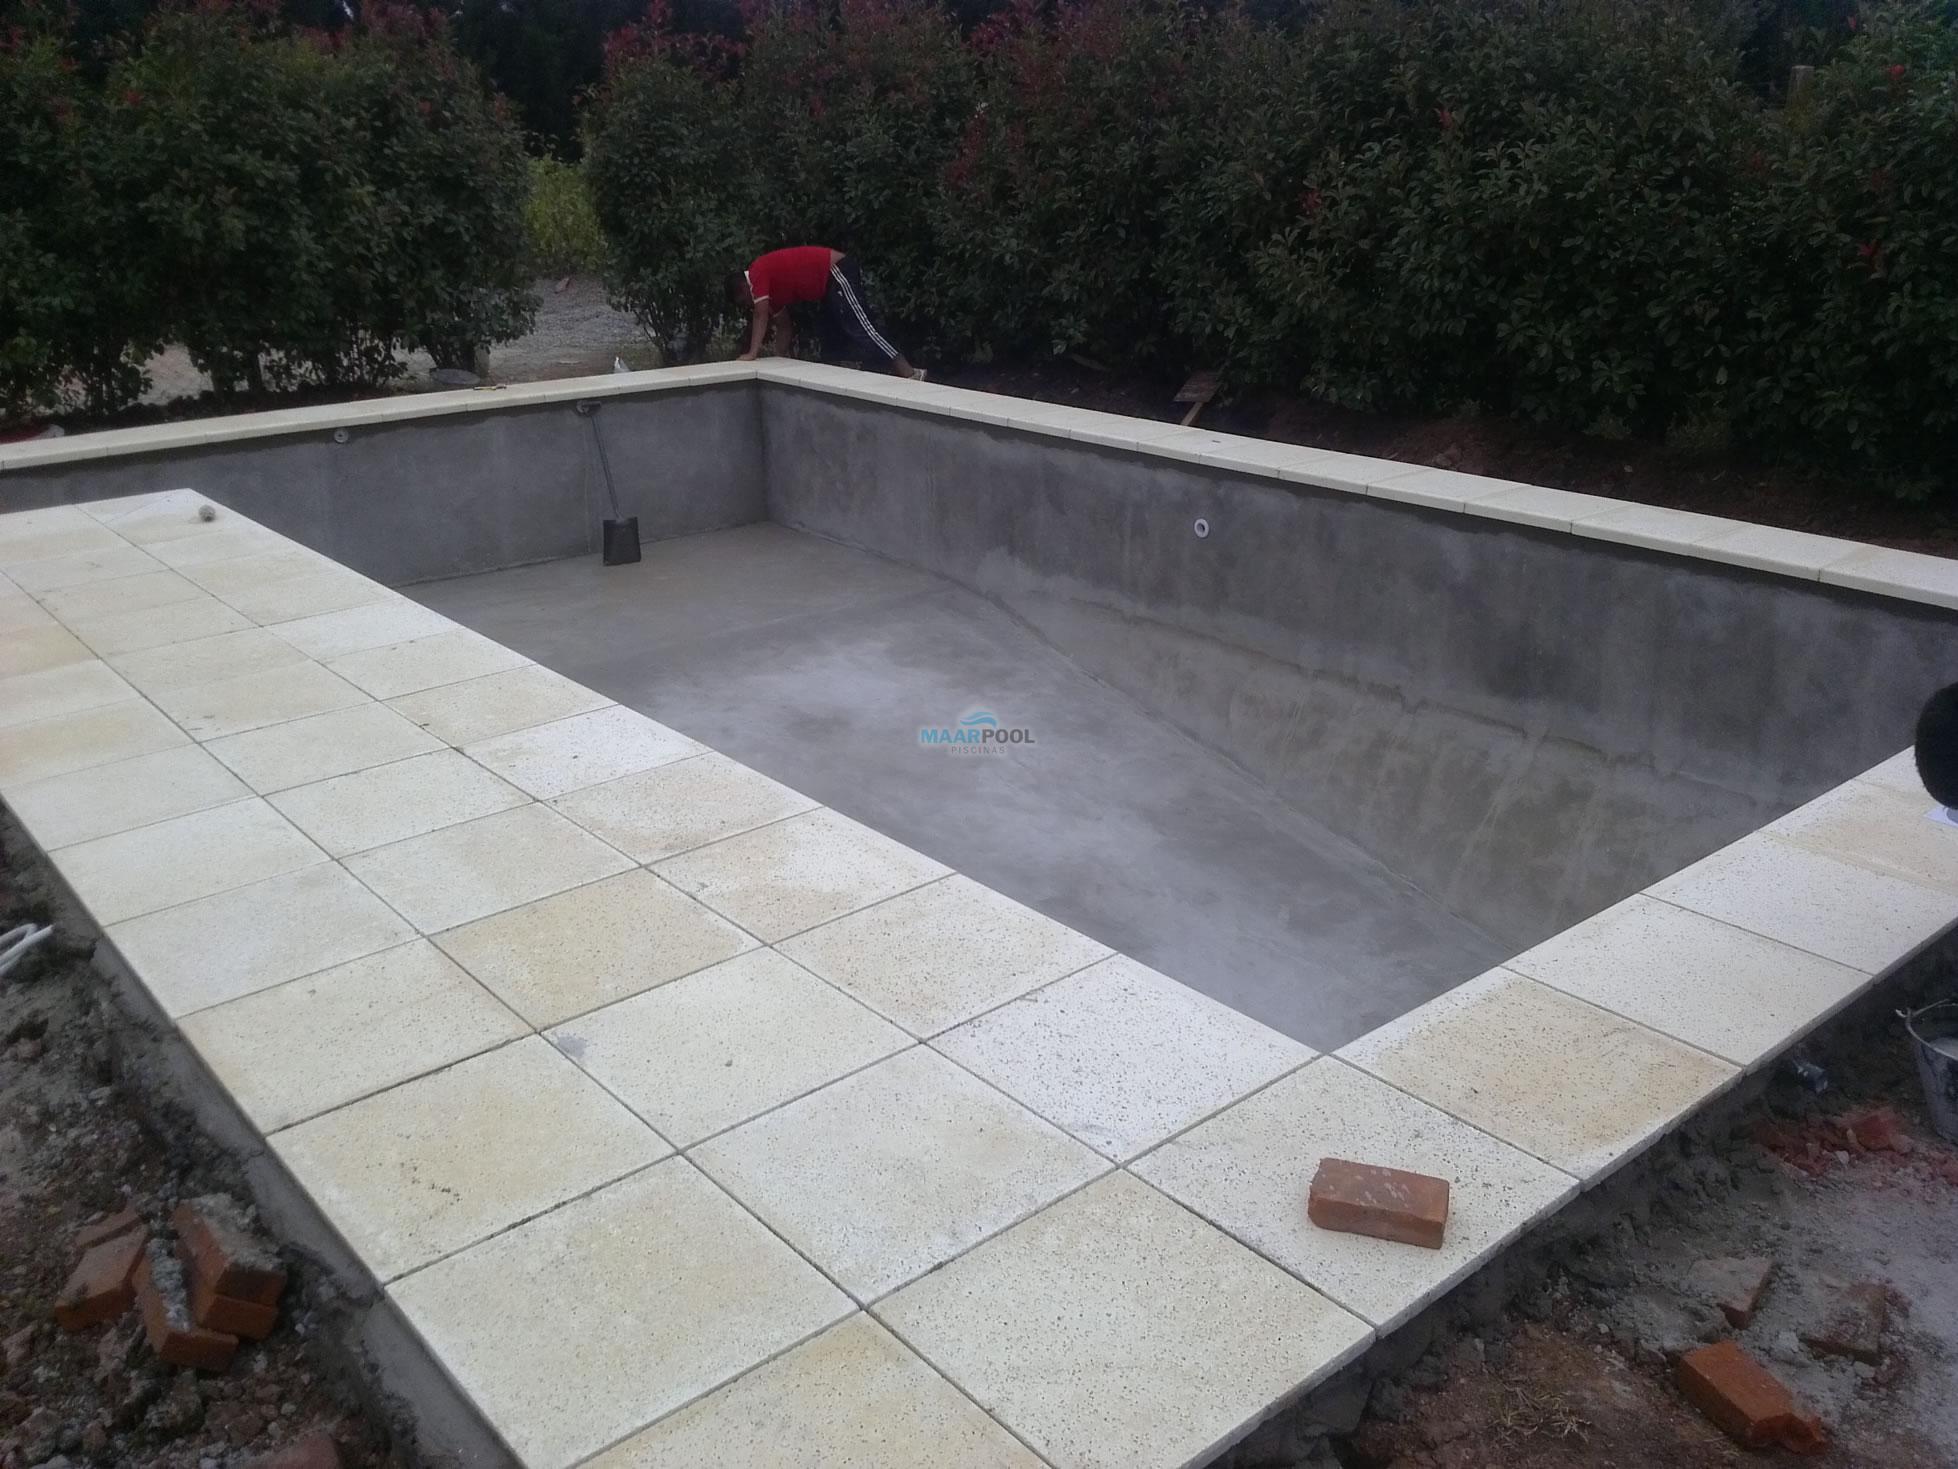 Maarpool piscinas construcci n de piscinas for Piscinas norte